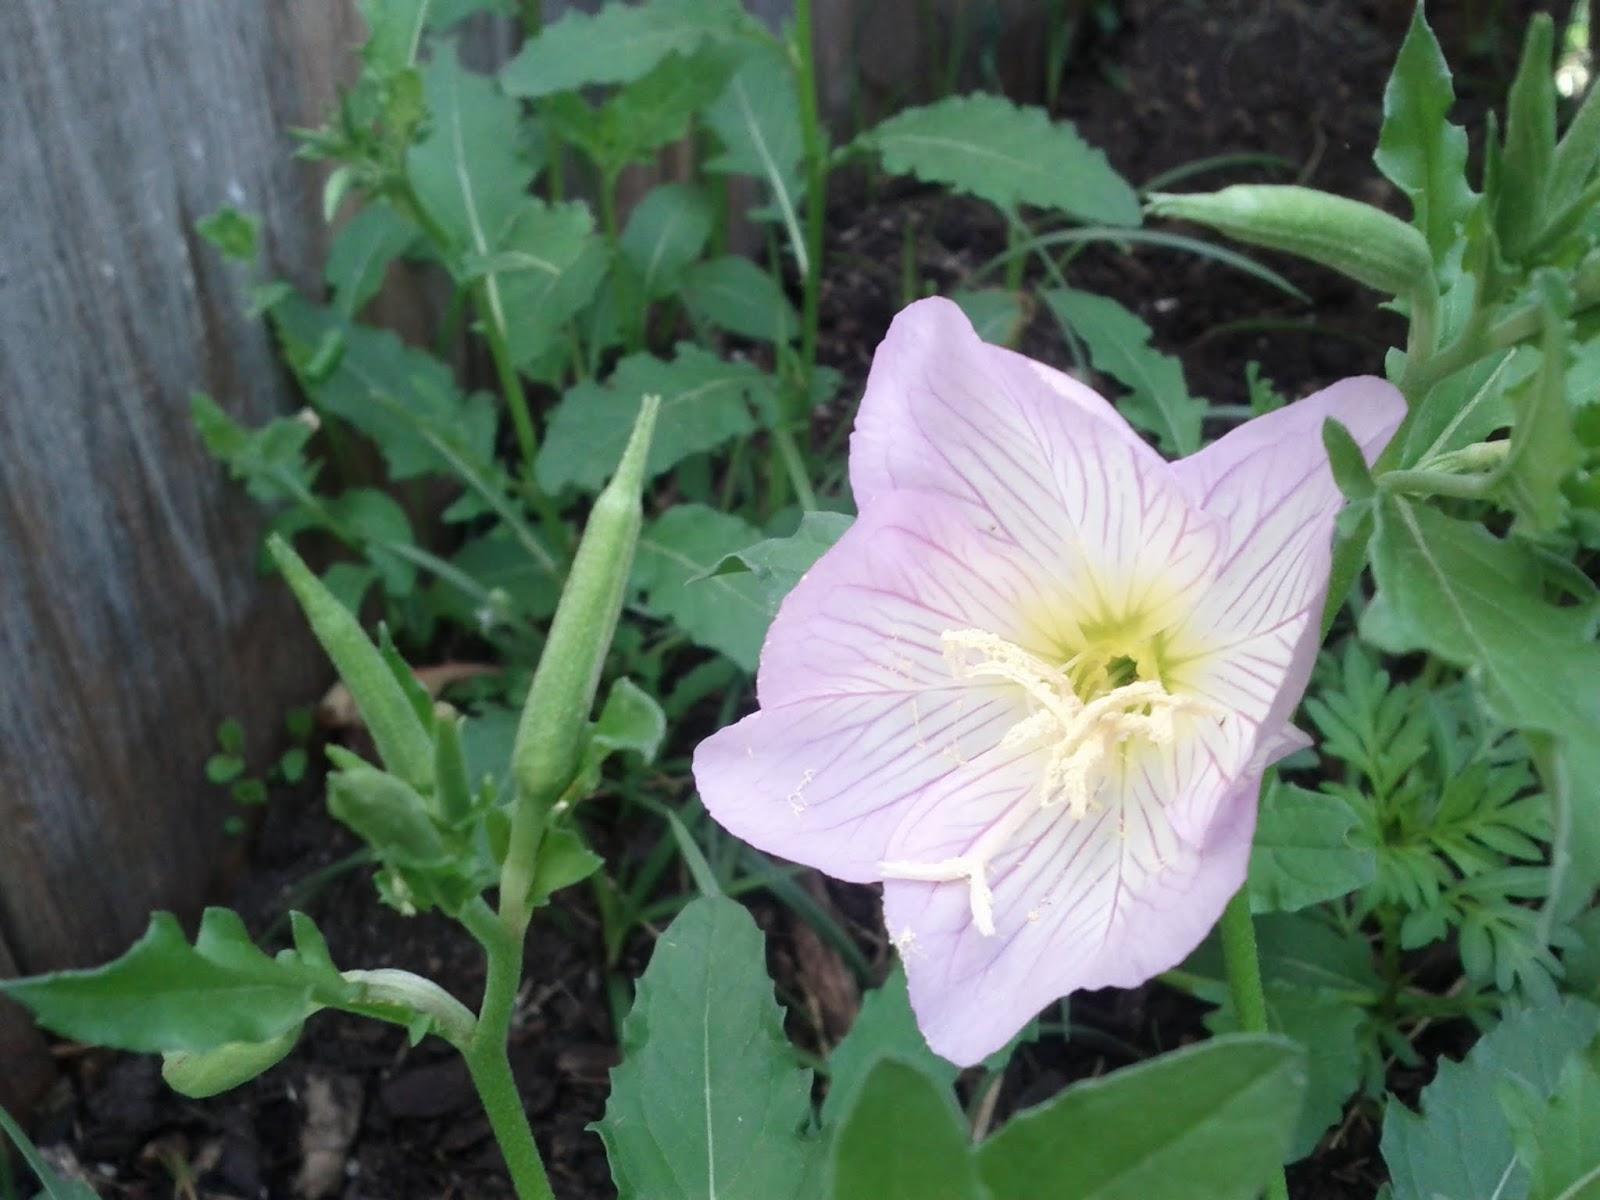 Gardening 2013 - IMG_20130324_092513.jpg